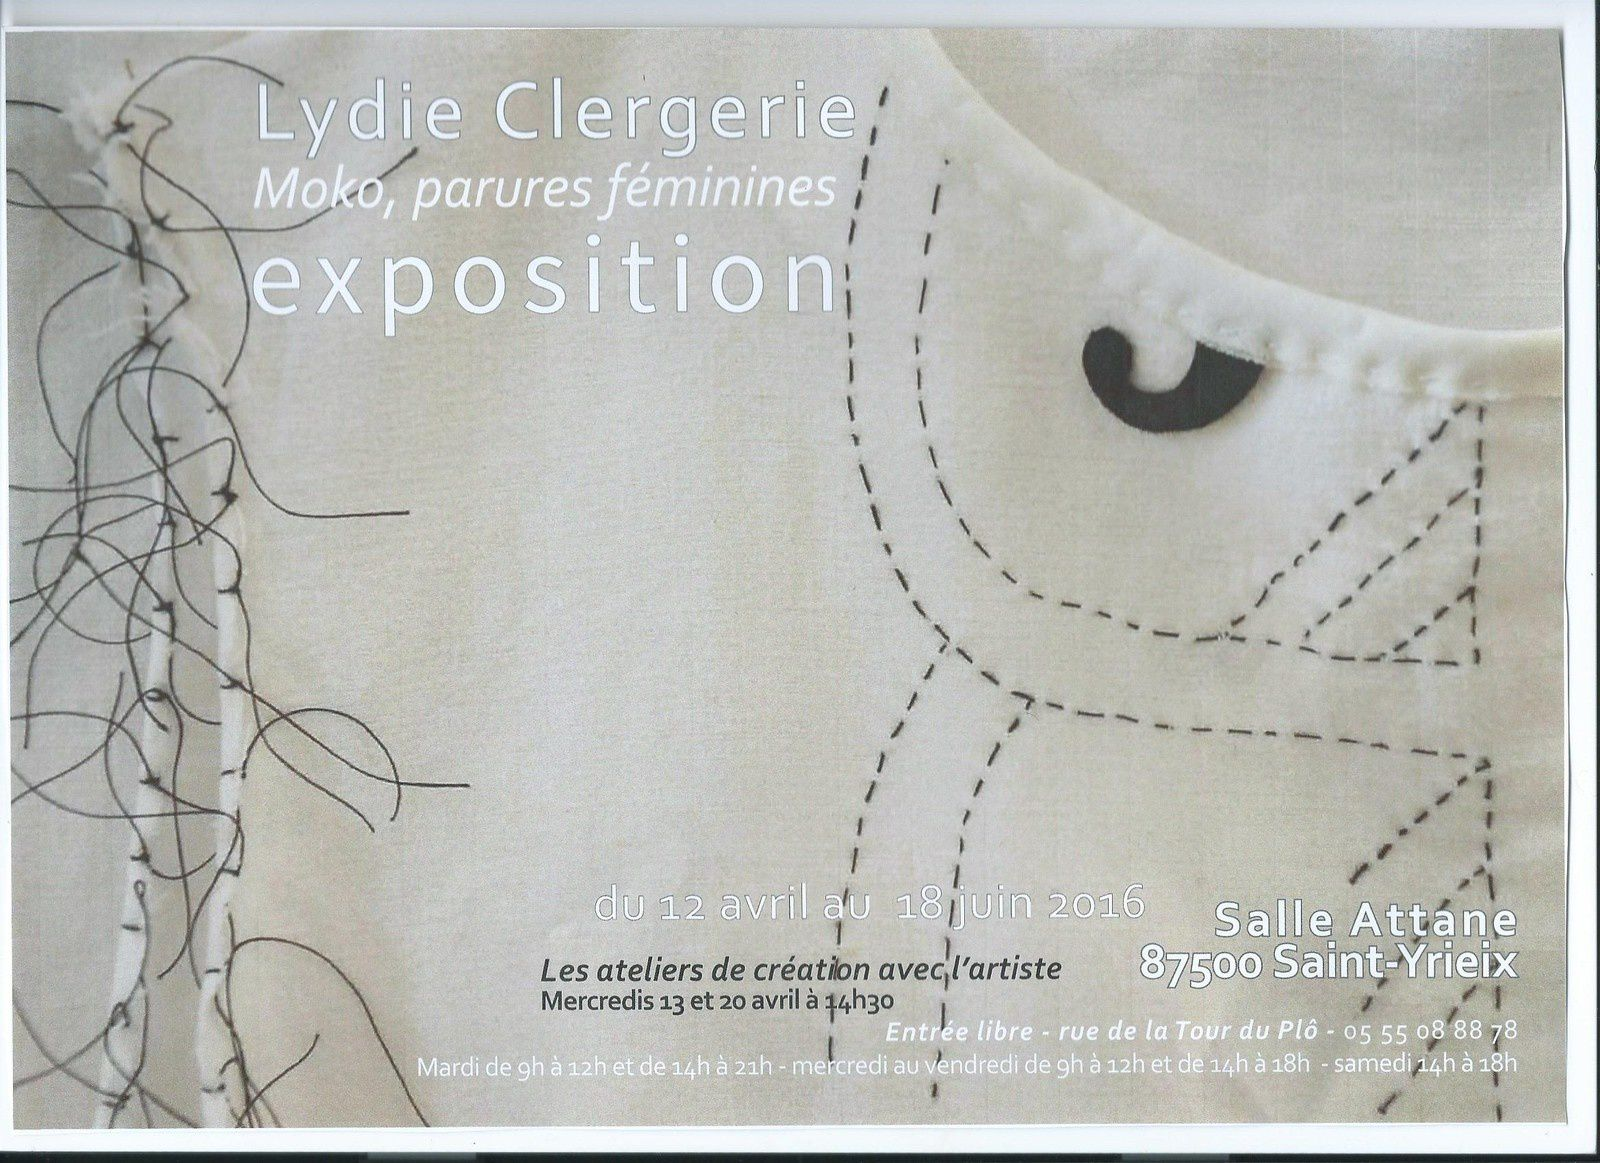 La plasticienne LYDIE CLERGERIE expose, salle Attane, à Saint-Yrieix-la-Perche(87500) du 12 avril au 18 juin 2016